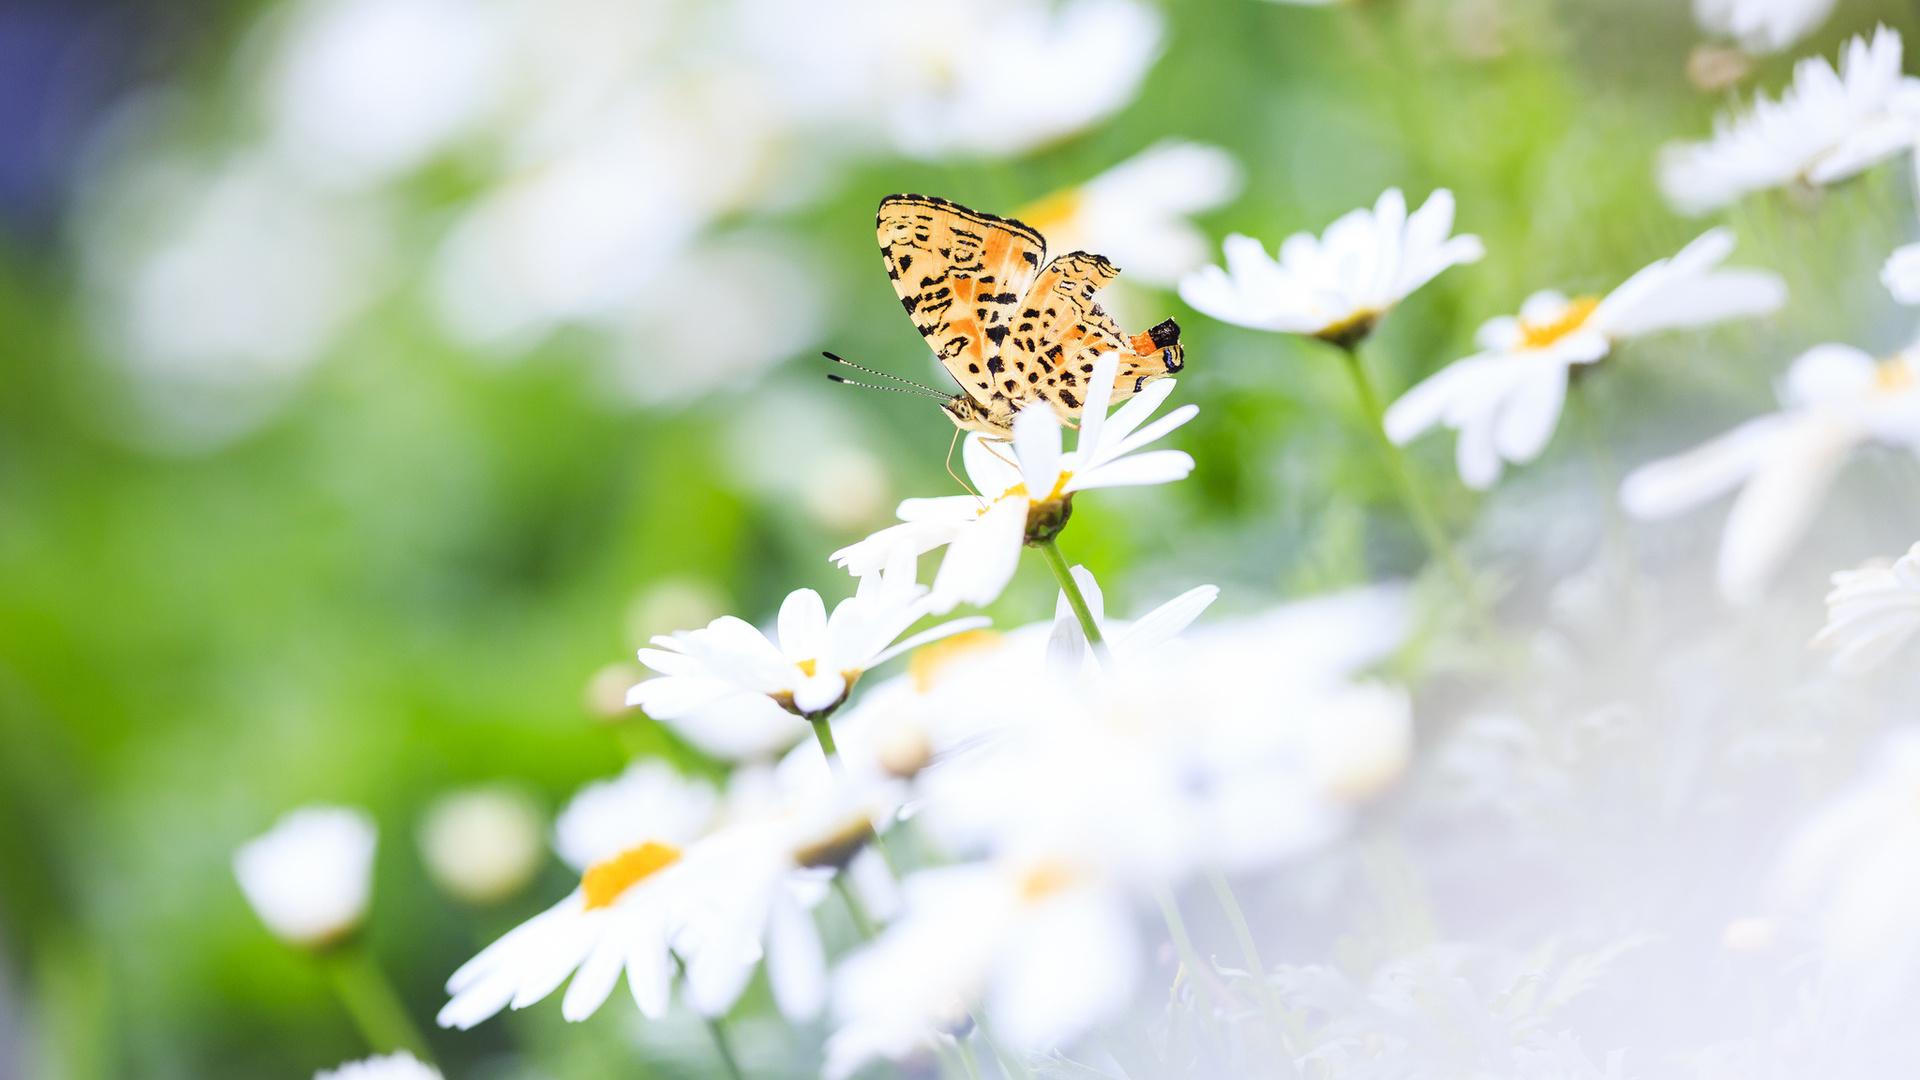 Скачать бесплатно обои бабочки на рабочий стол   подборка (31)